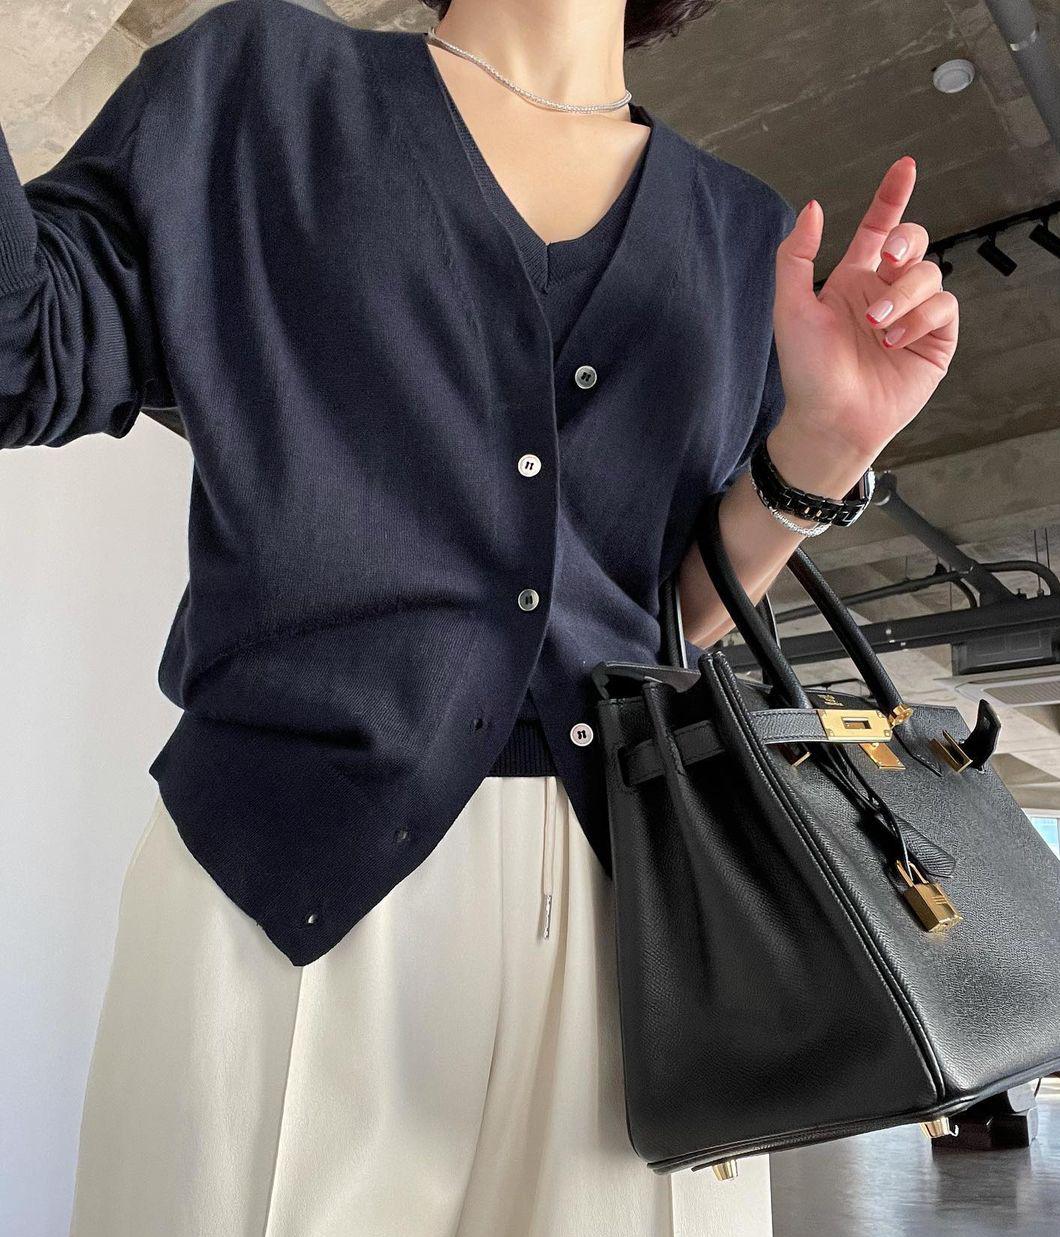 4.簡單氣質假兩件式針織上衣